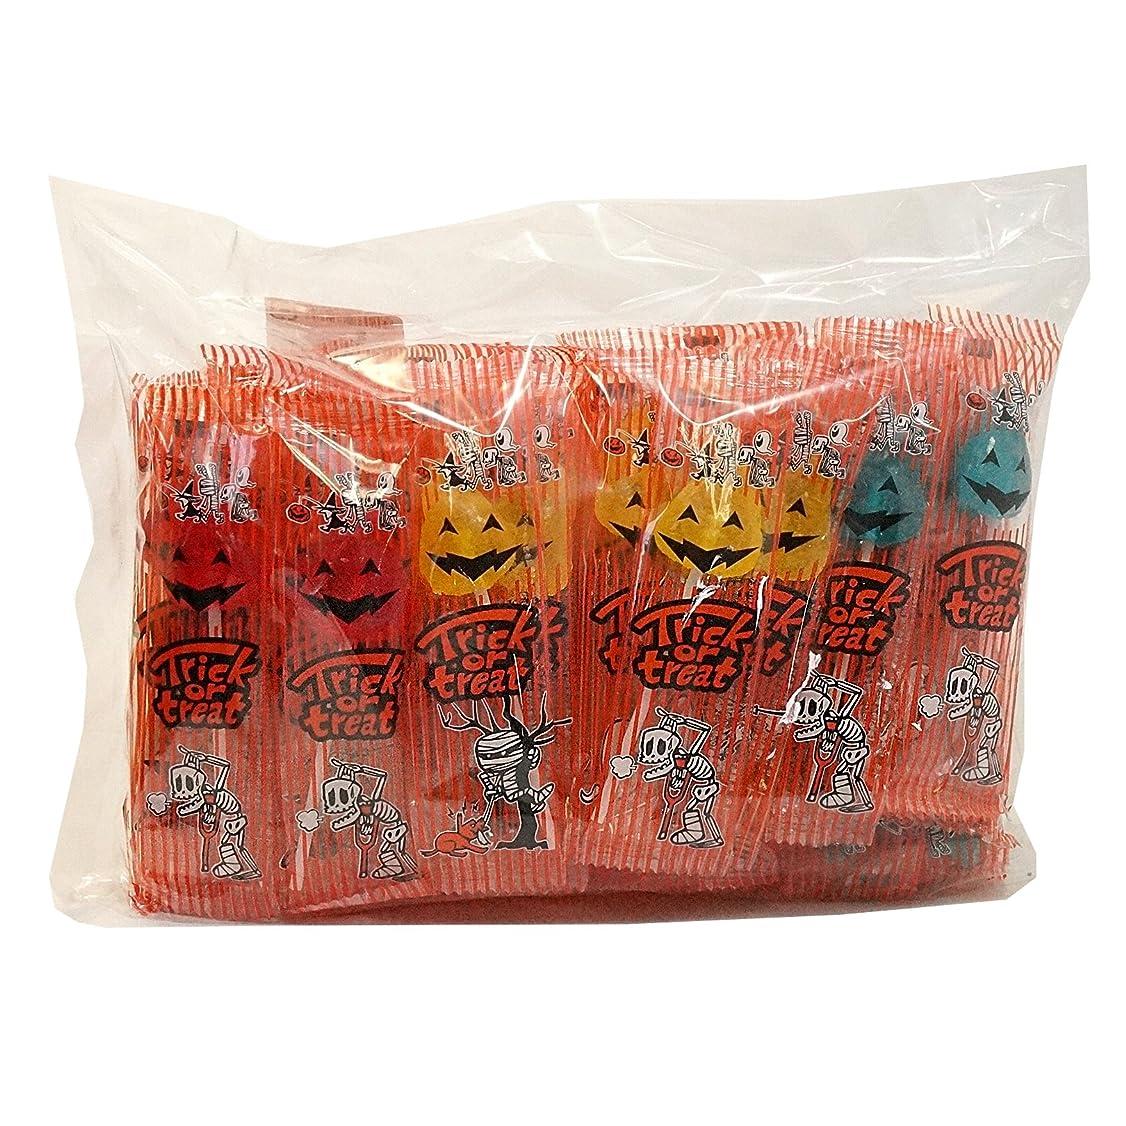 記事費やす配置ハロウィン トンガリボーキャンディー 50入【駄菓子】